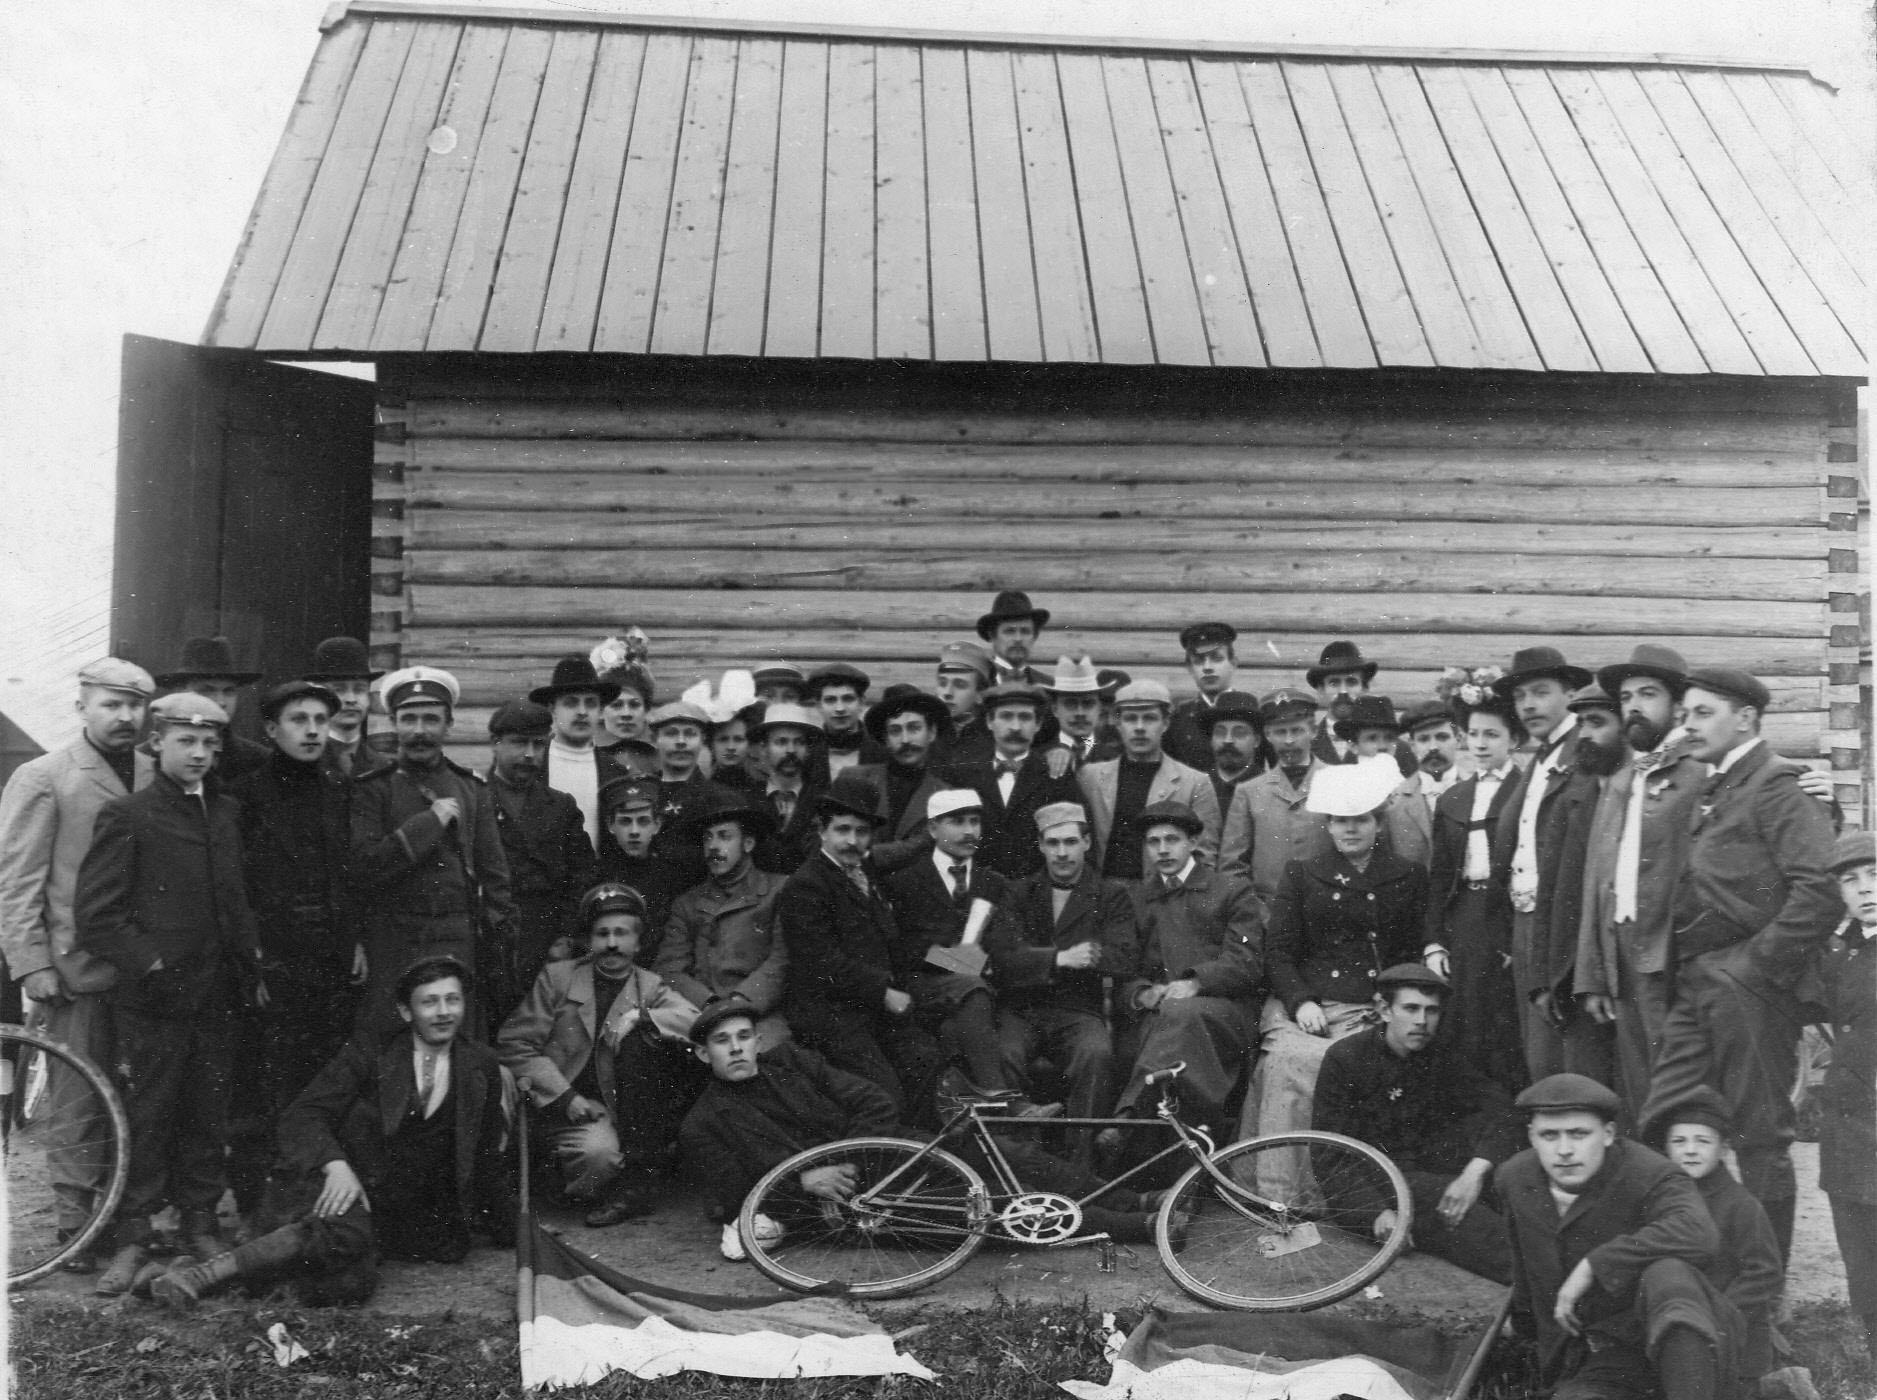 Группа победителей велопробега среди членов Петербургского общества велосипедистов-любителей